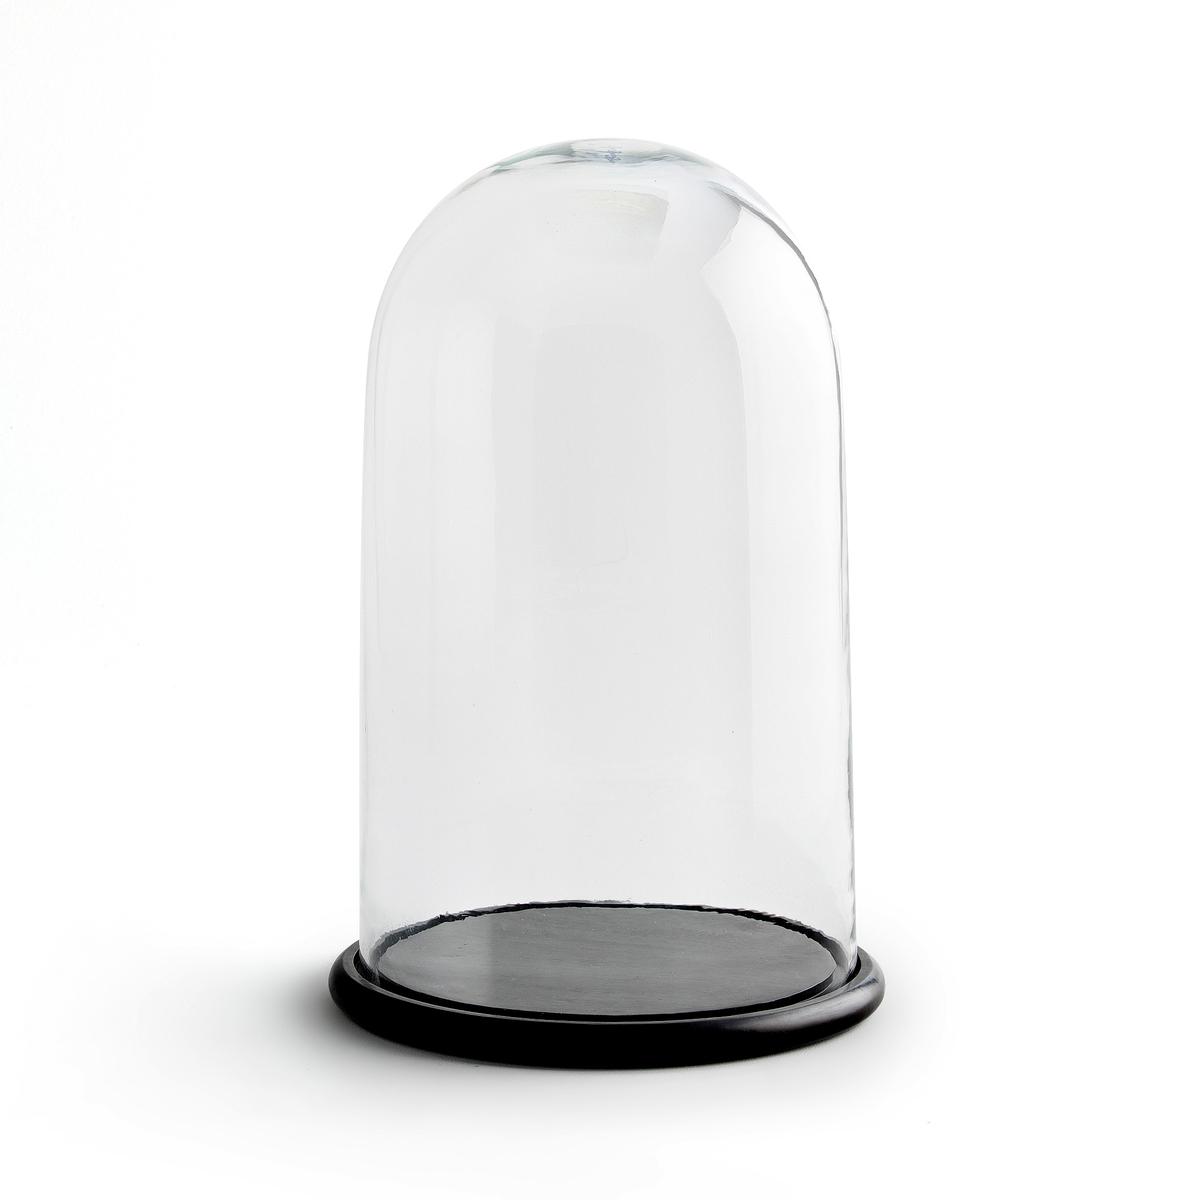 Колпак стеклянный ?lior?e, большая модельПрозрачное стекло. Основание из мангового дерева, покрашенного в чёрный цвет.Высота 45 см x диаметр 27 см.<br><br>Цвет: прозрачный